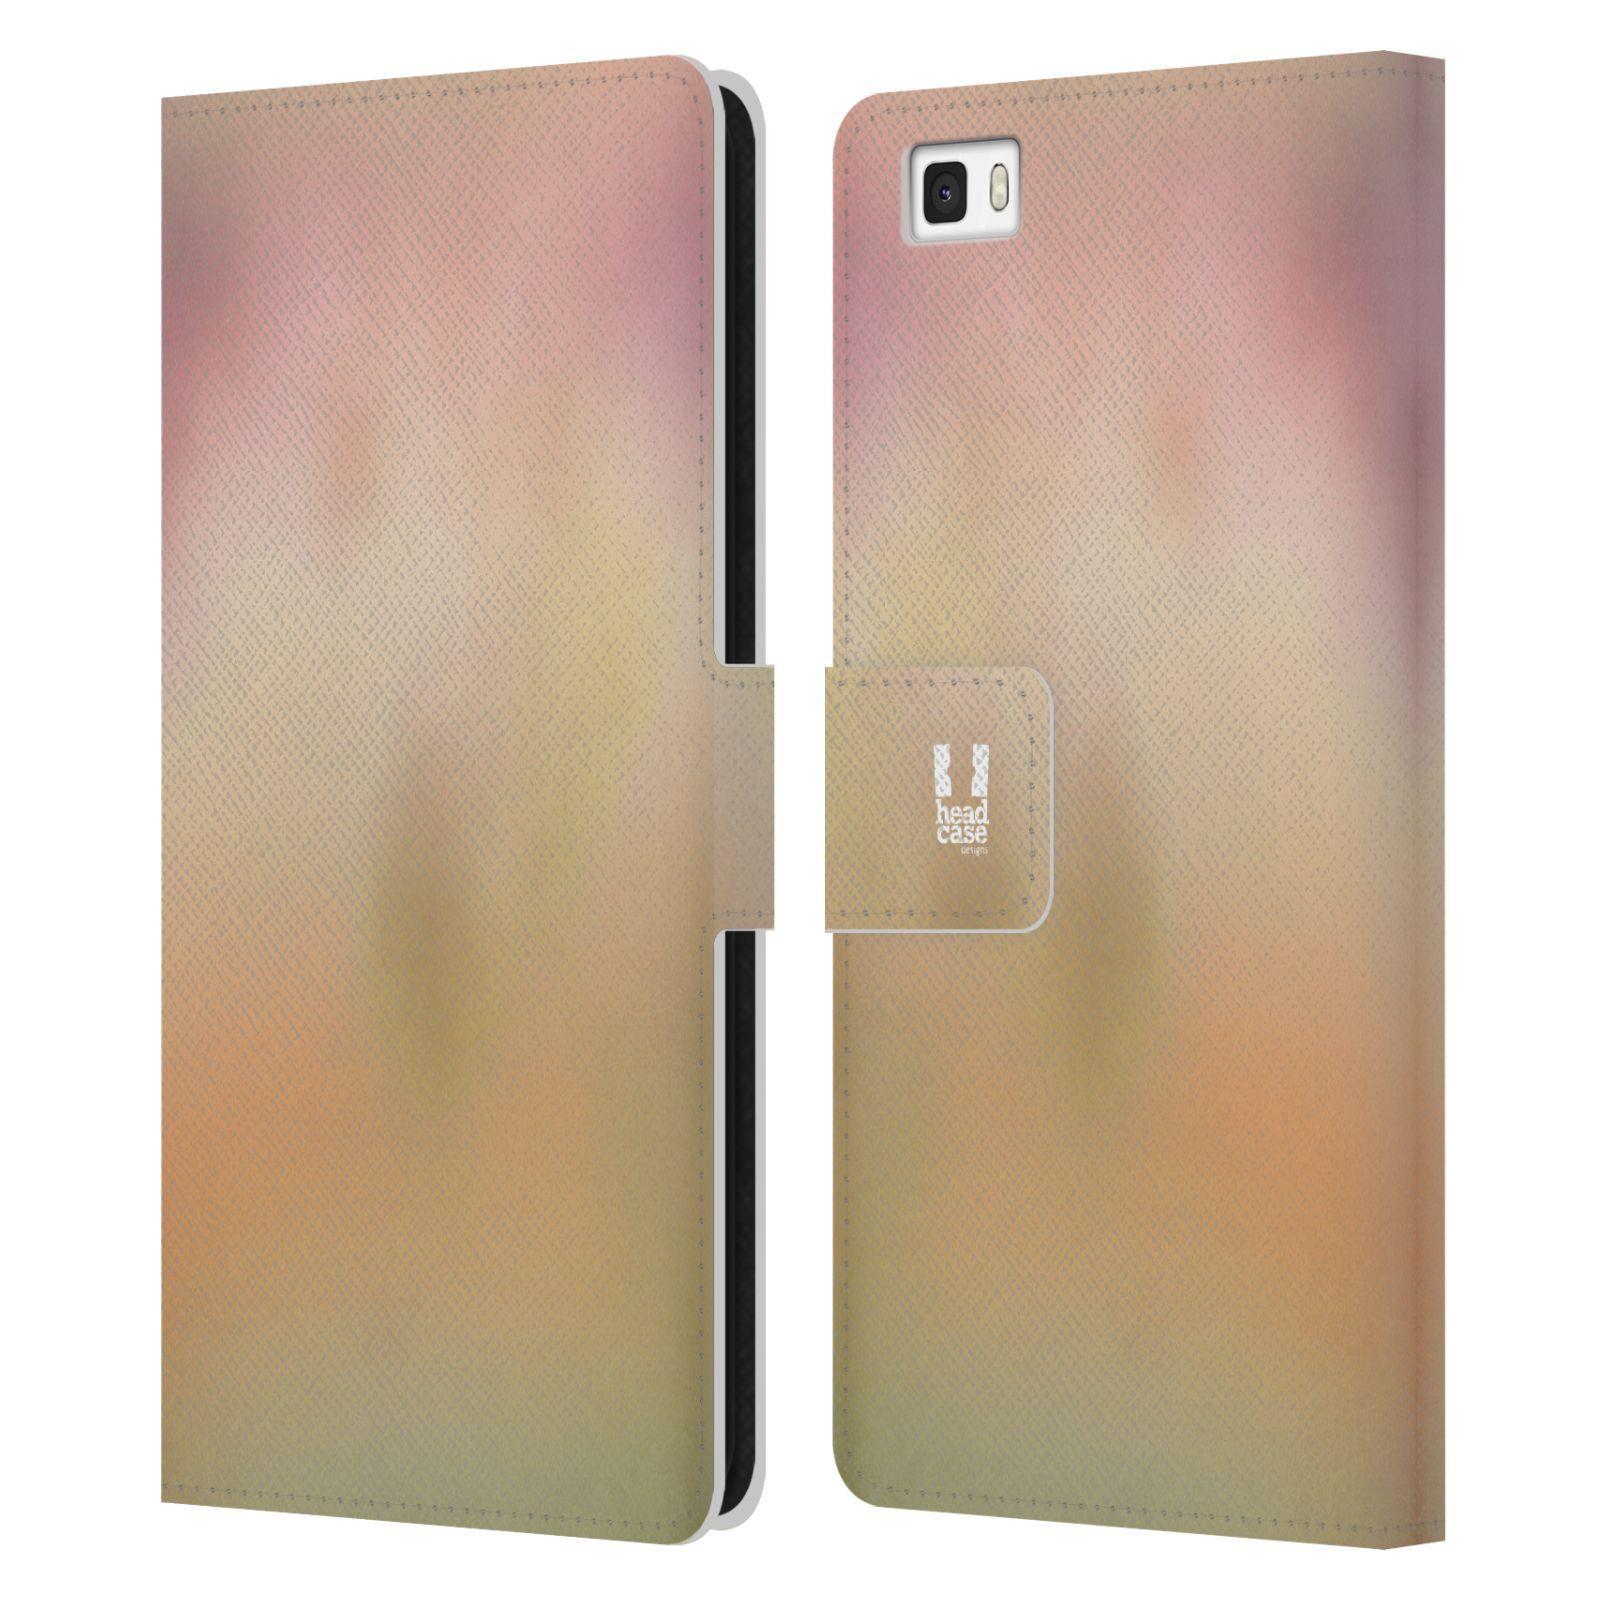 HEAD CASE Flipové pouzdro pro mobil Huawei P8 LITE AQUAREL barvy NOSTALGIE